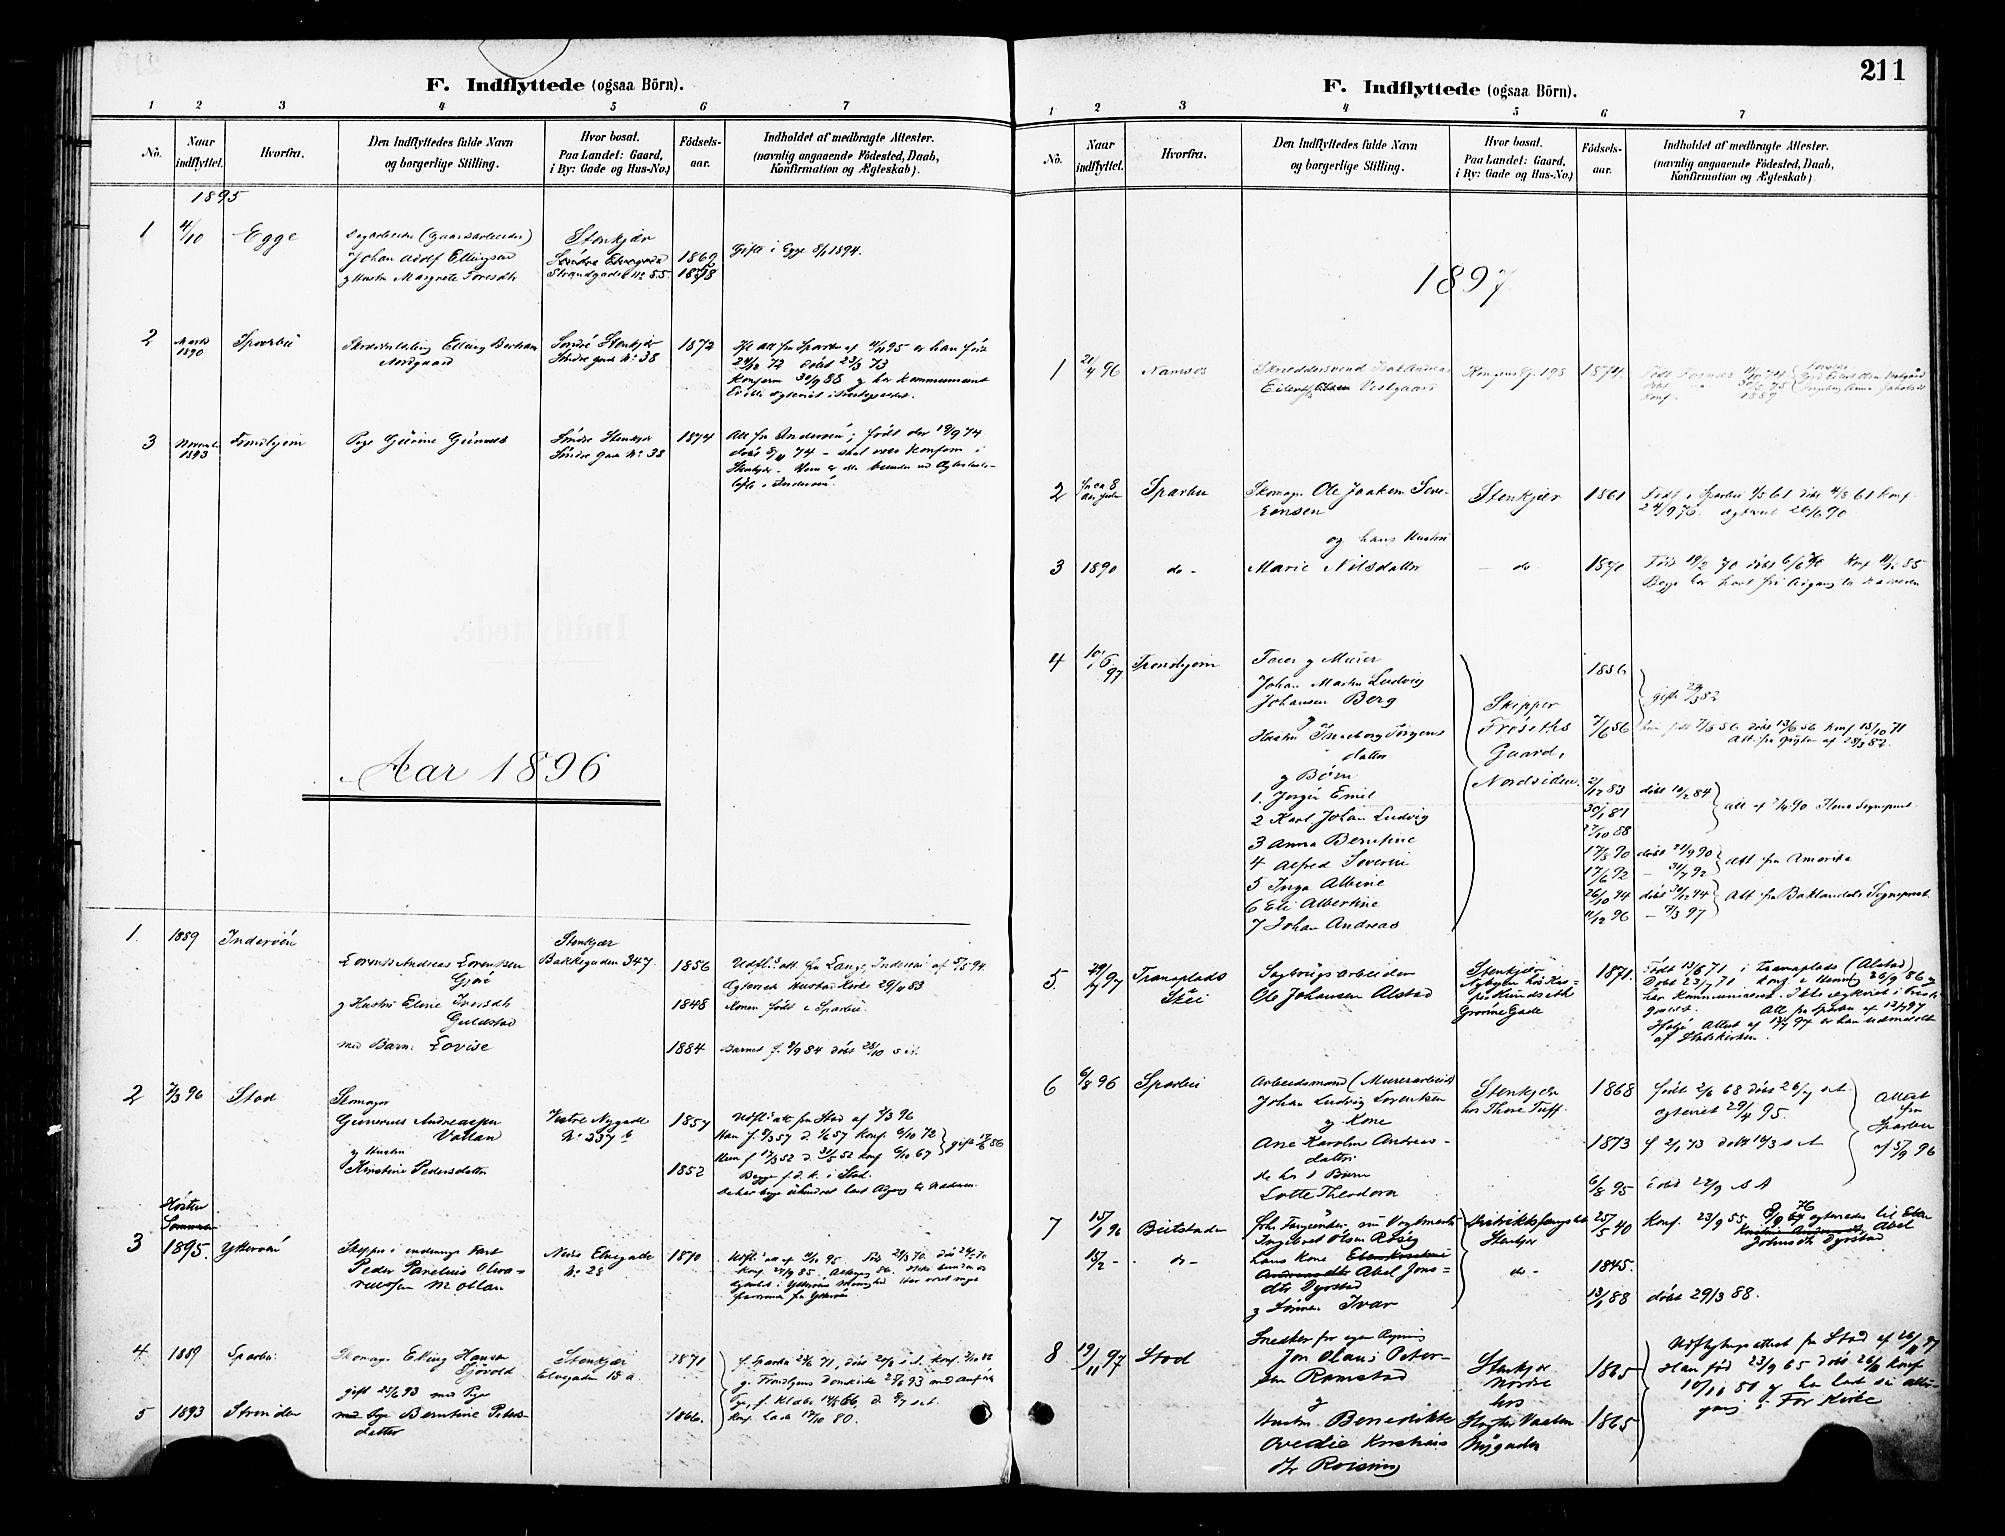 SAT, Ministerialprotokoller, klokkerbøker og fødselsregistre - Nord-Trøndelag, 739/L0372: Ministerialbok nr. 739A04, 1895-1903, s. 211